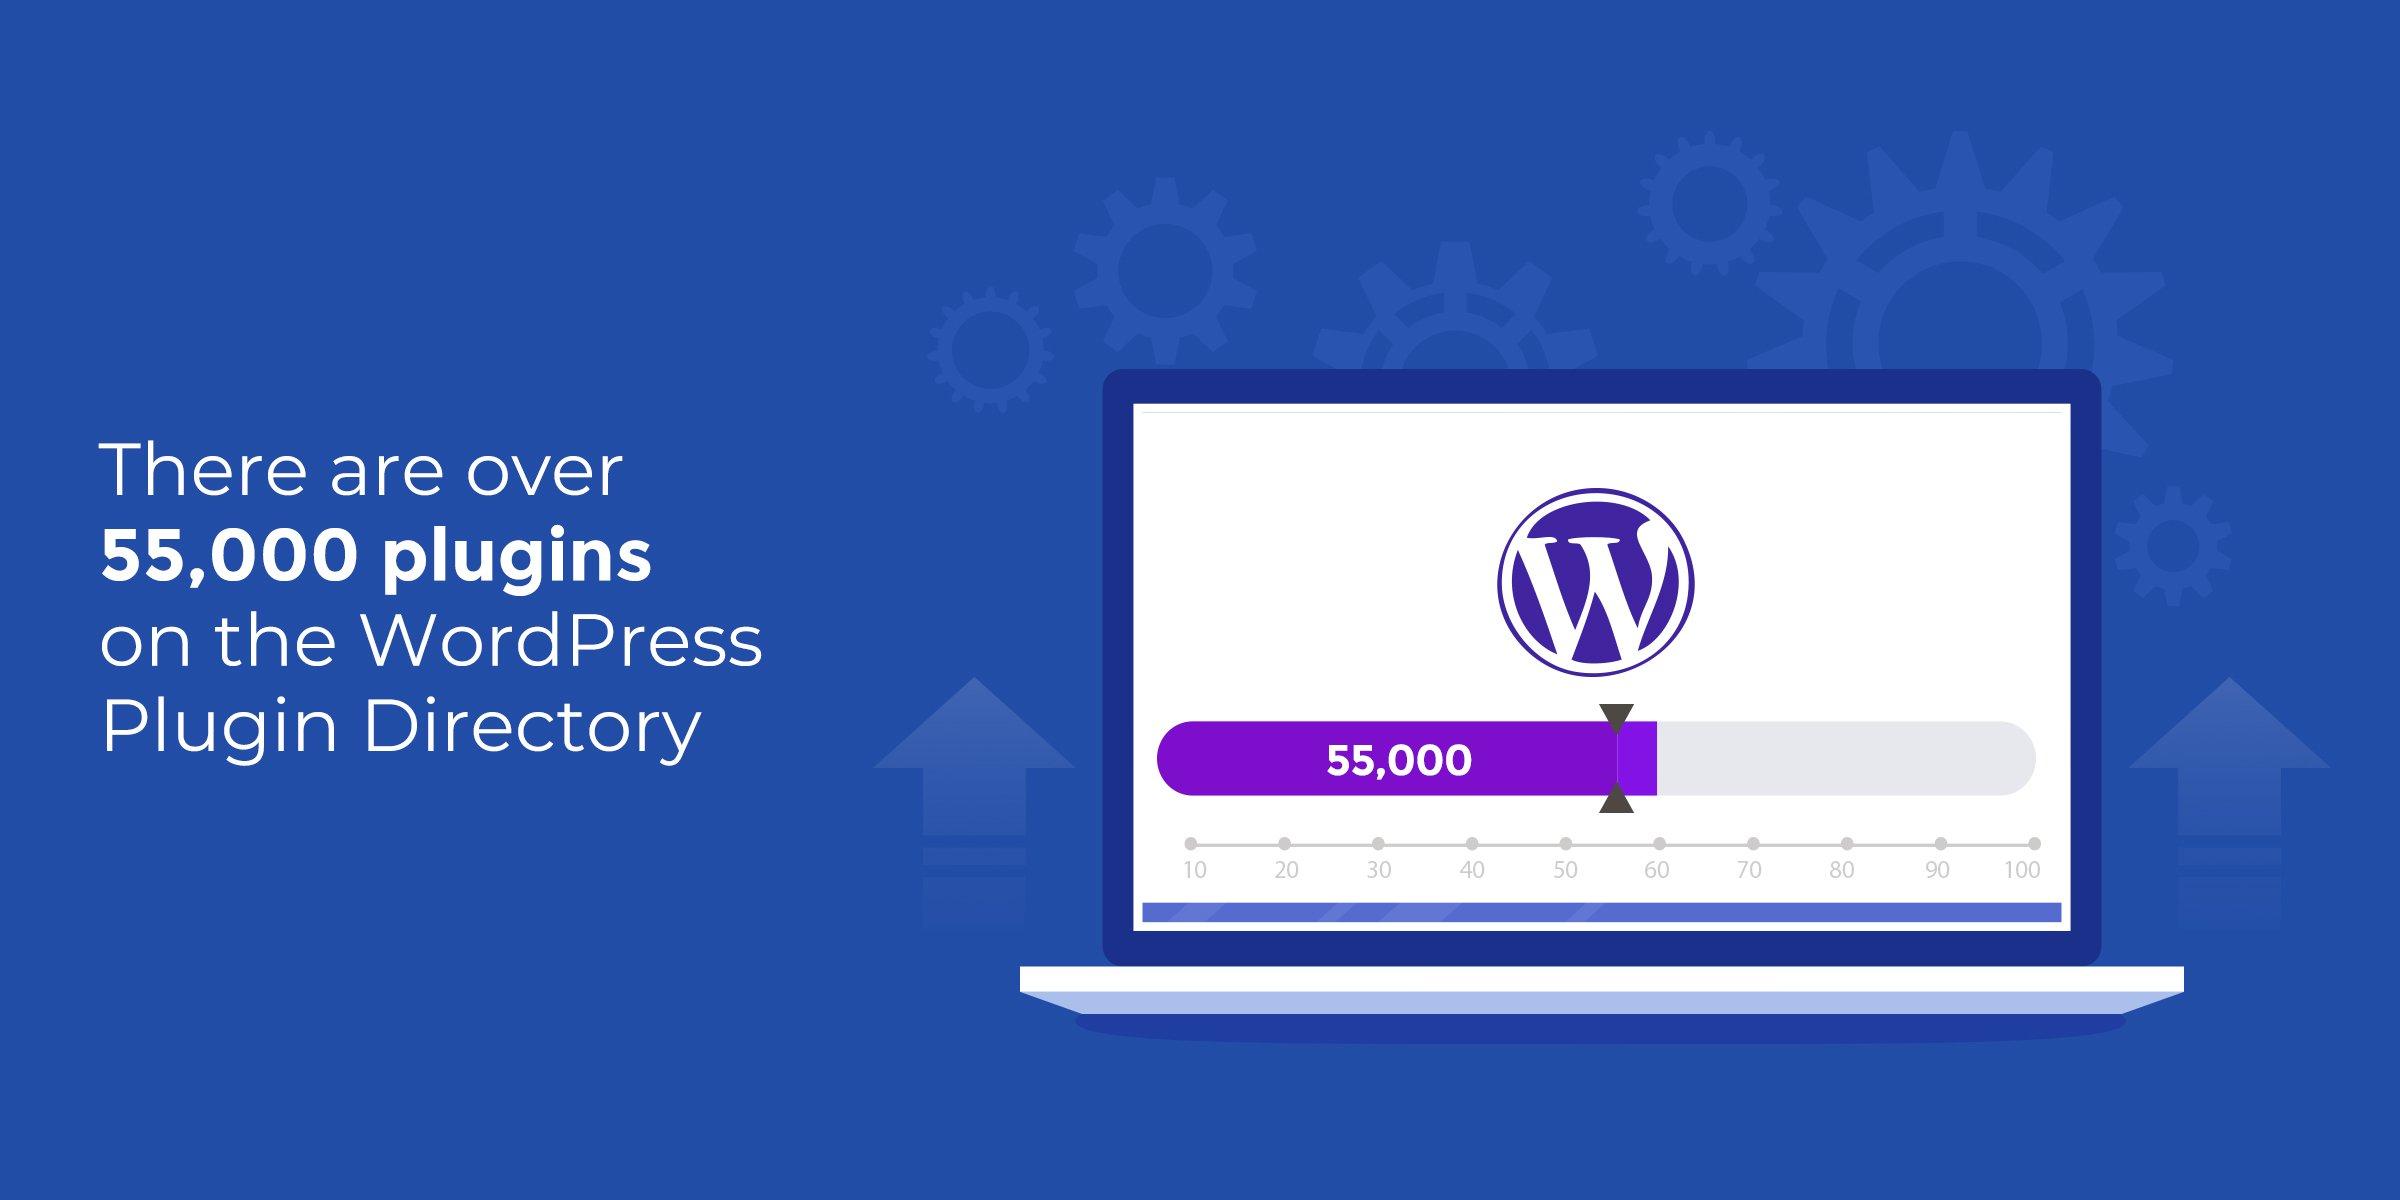 WordPress Statistics - Total Plugins